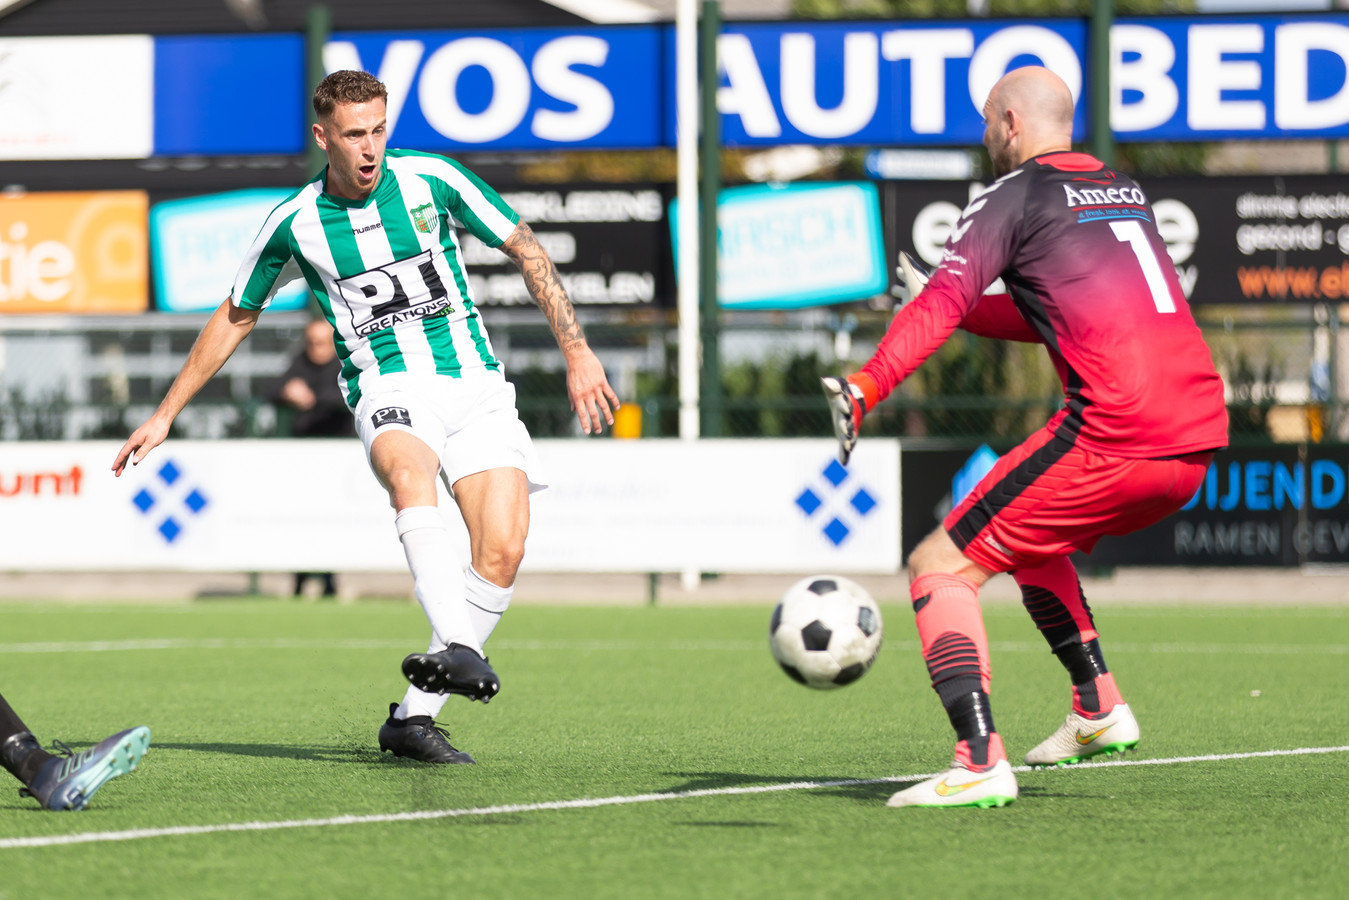 Ook Sen Aerts (links) pikte zijn doelpuntje mee in Groesbeek. (archieffoto)